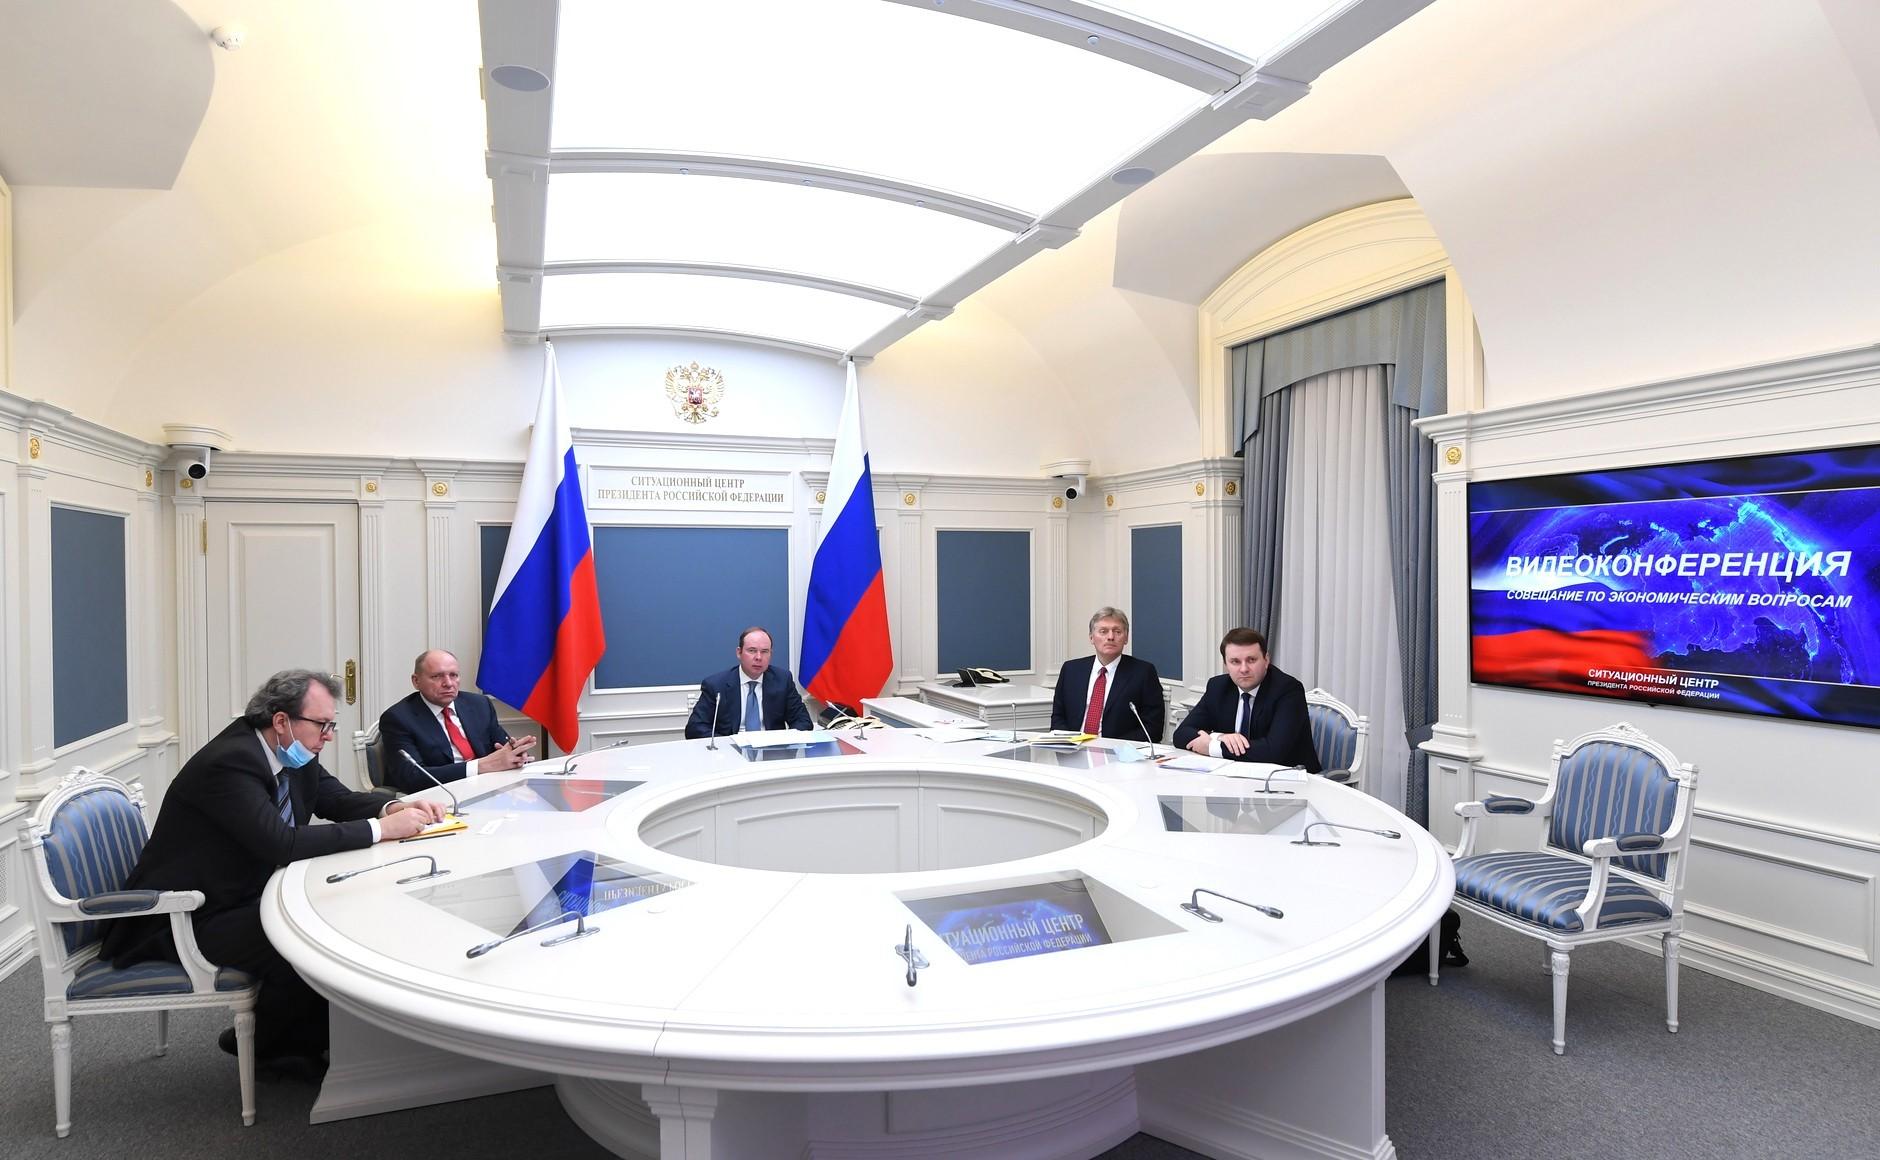 Korona-kryzys w Rosji. W służbie zdrowia, biznesie, armii